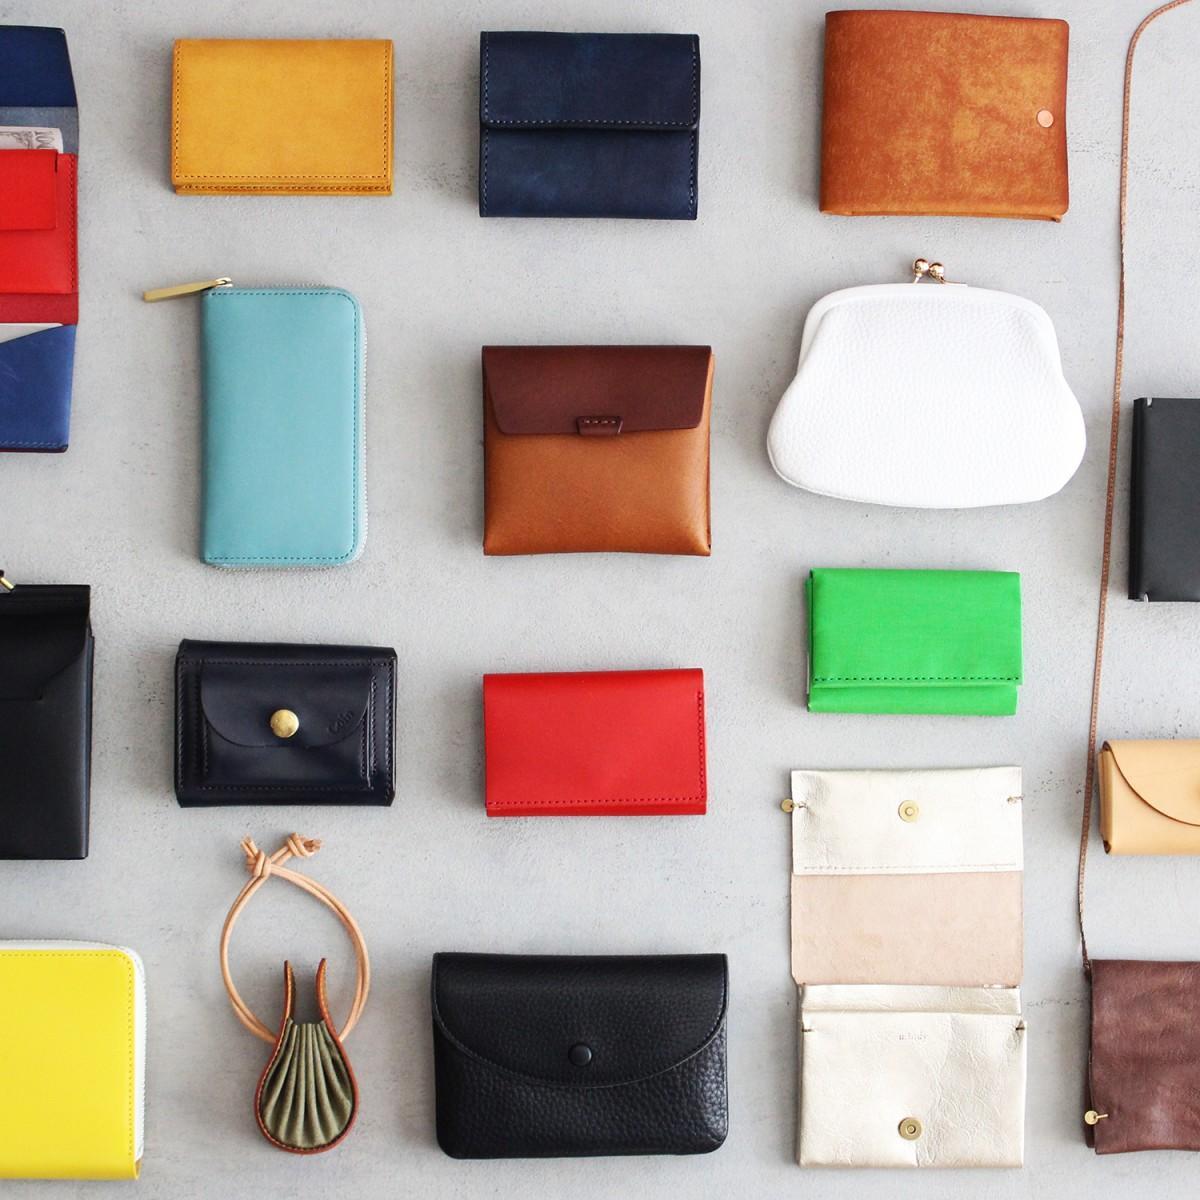 国産ブランド・革作家19ブランドによるミニ財布を取りそろえた「小さなお財布展」